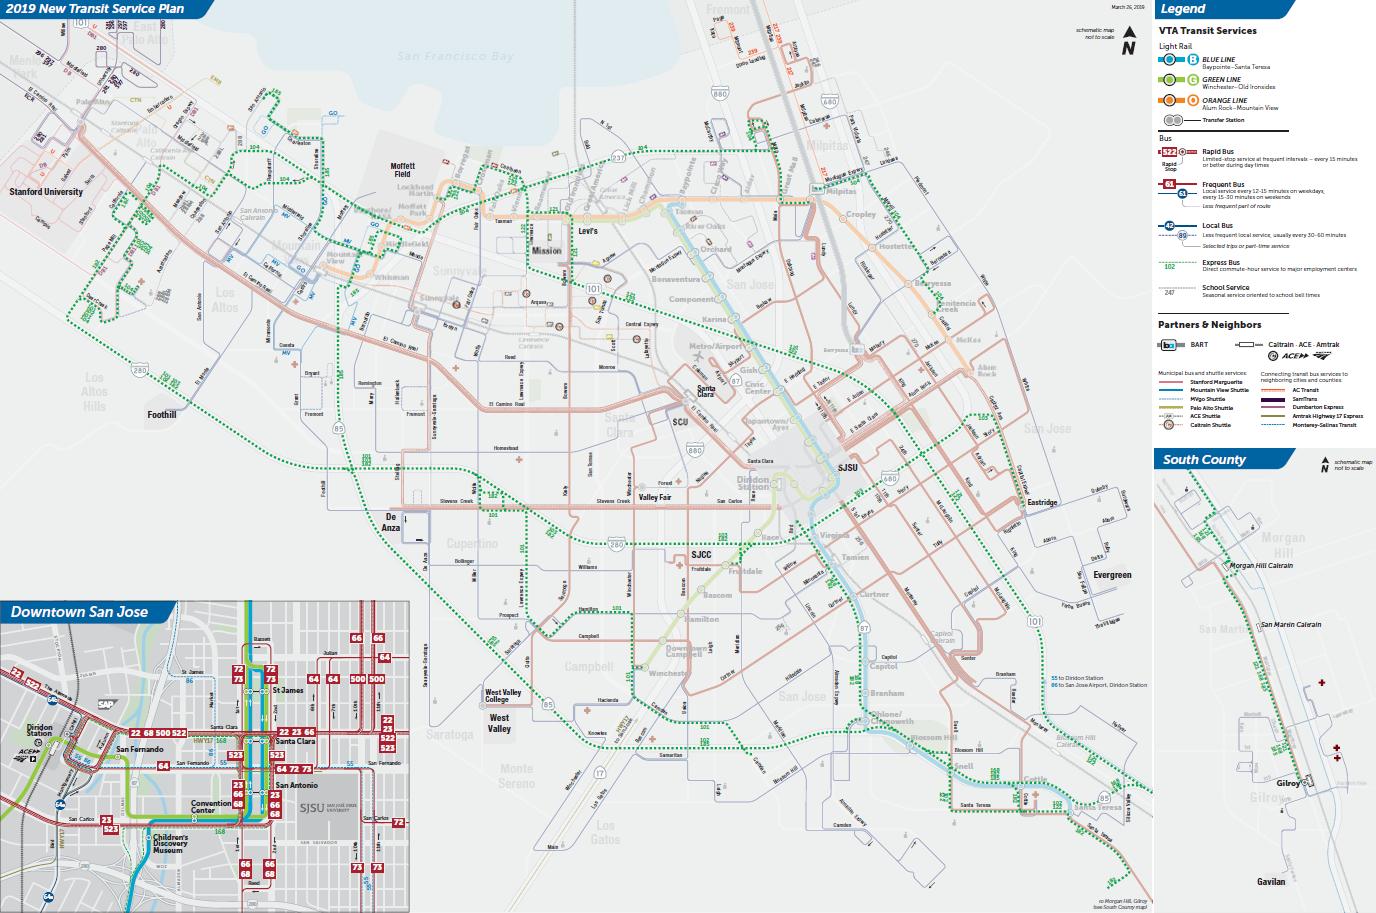 2019公共交通服務新計畫最終版本快捷路線地圖  (PDF)